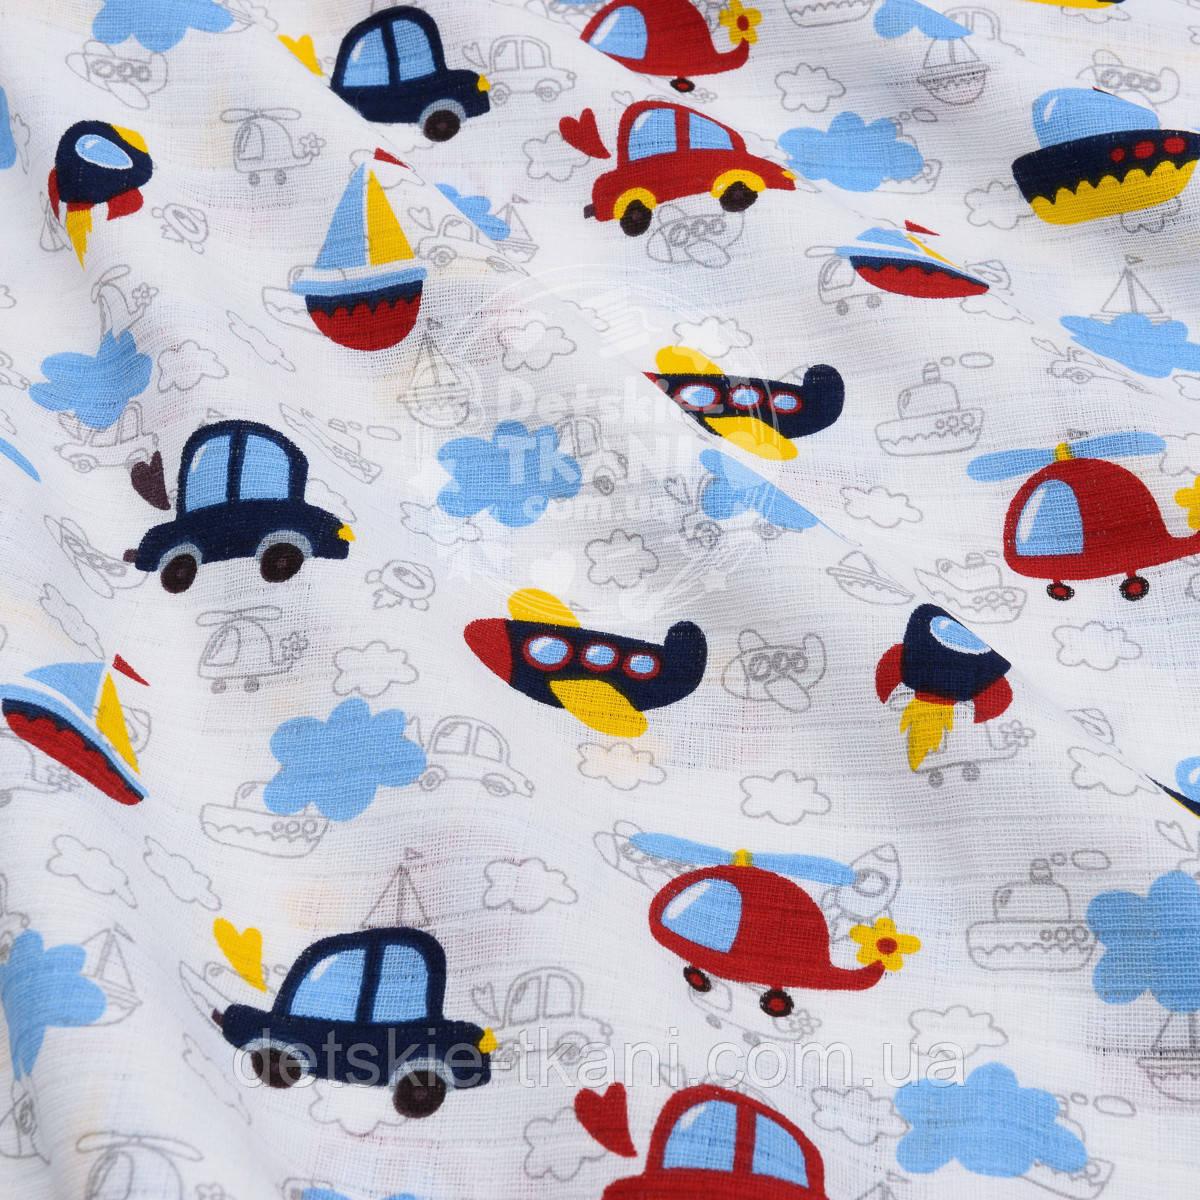 """Ткань муслин """"Машинки, самолёты и кораблики с облаками"""" на белом, ширина 160см"""